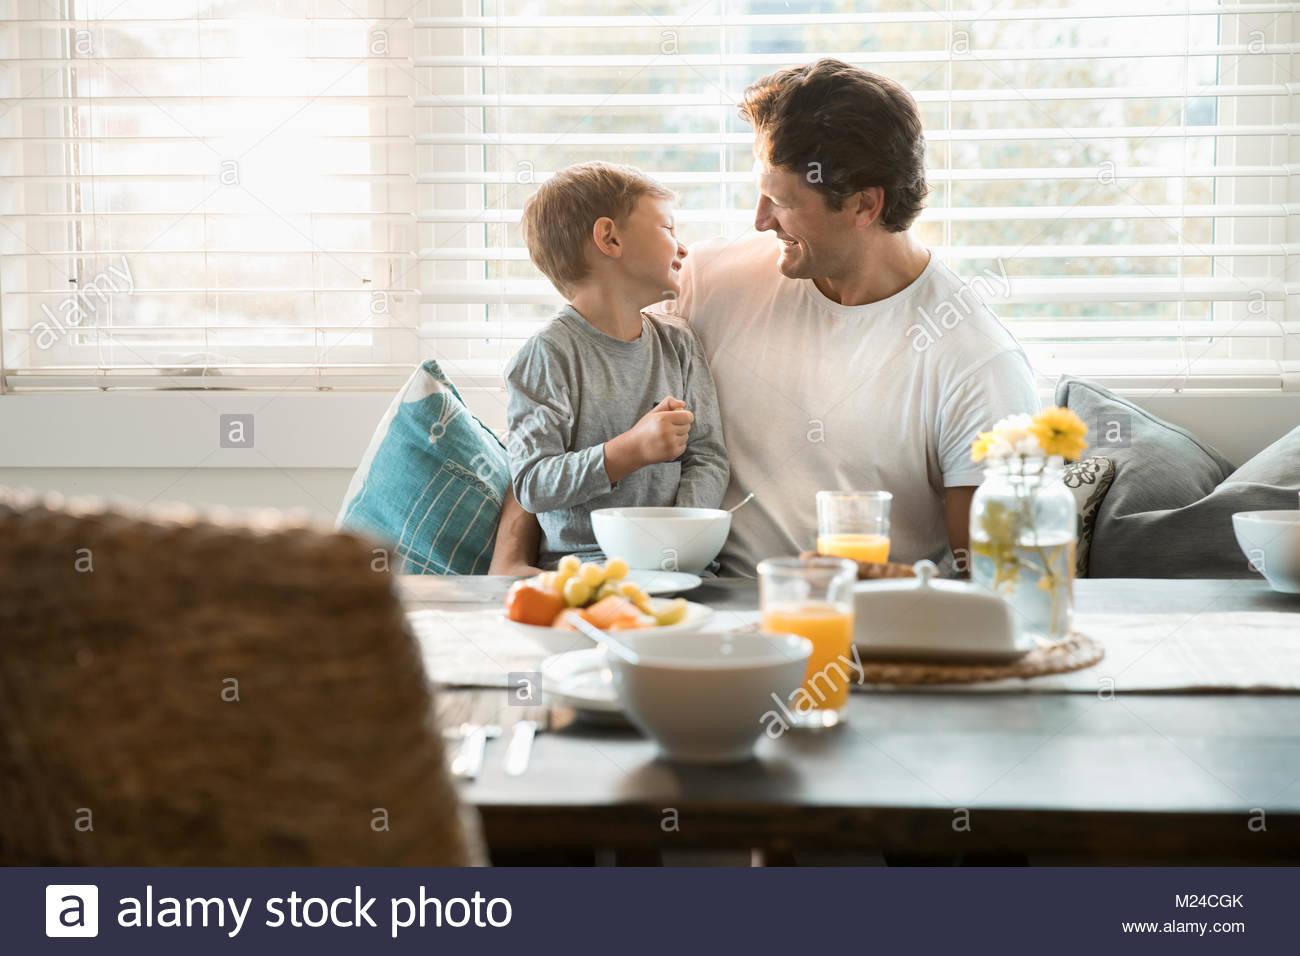 Gerne Vater und Sohn essen Frühstück in der Frühstücksecke Stockbild